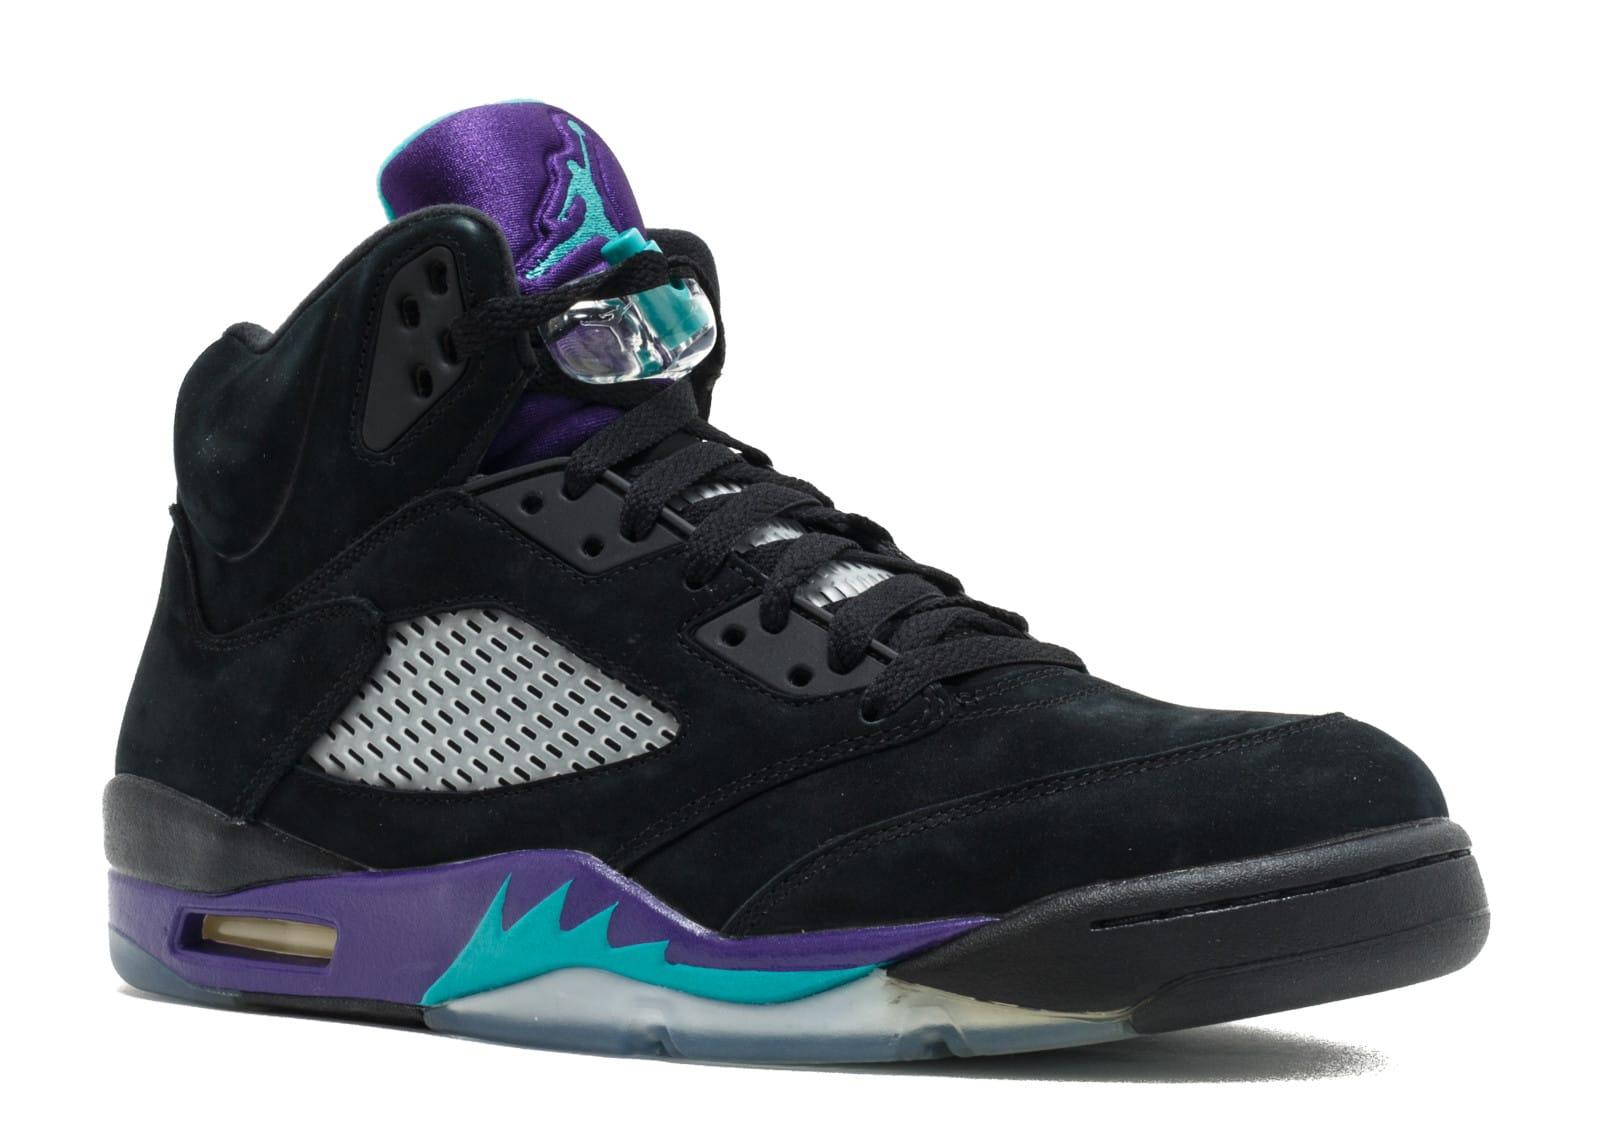 low priced 613d9 955c1 Air Jordan 5 Retro Premium Triple Black - kickstw